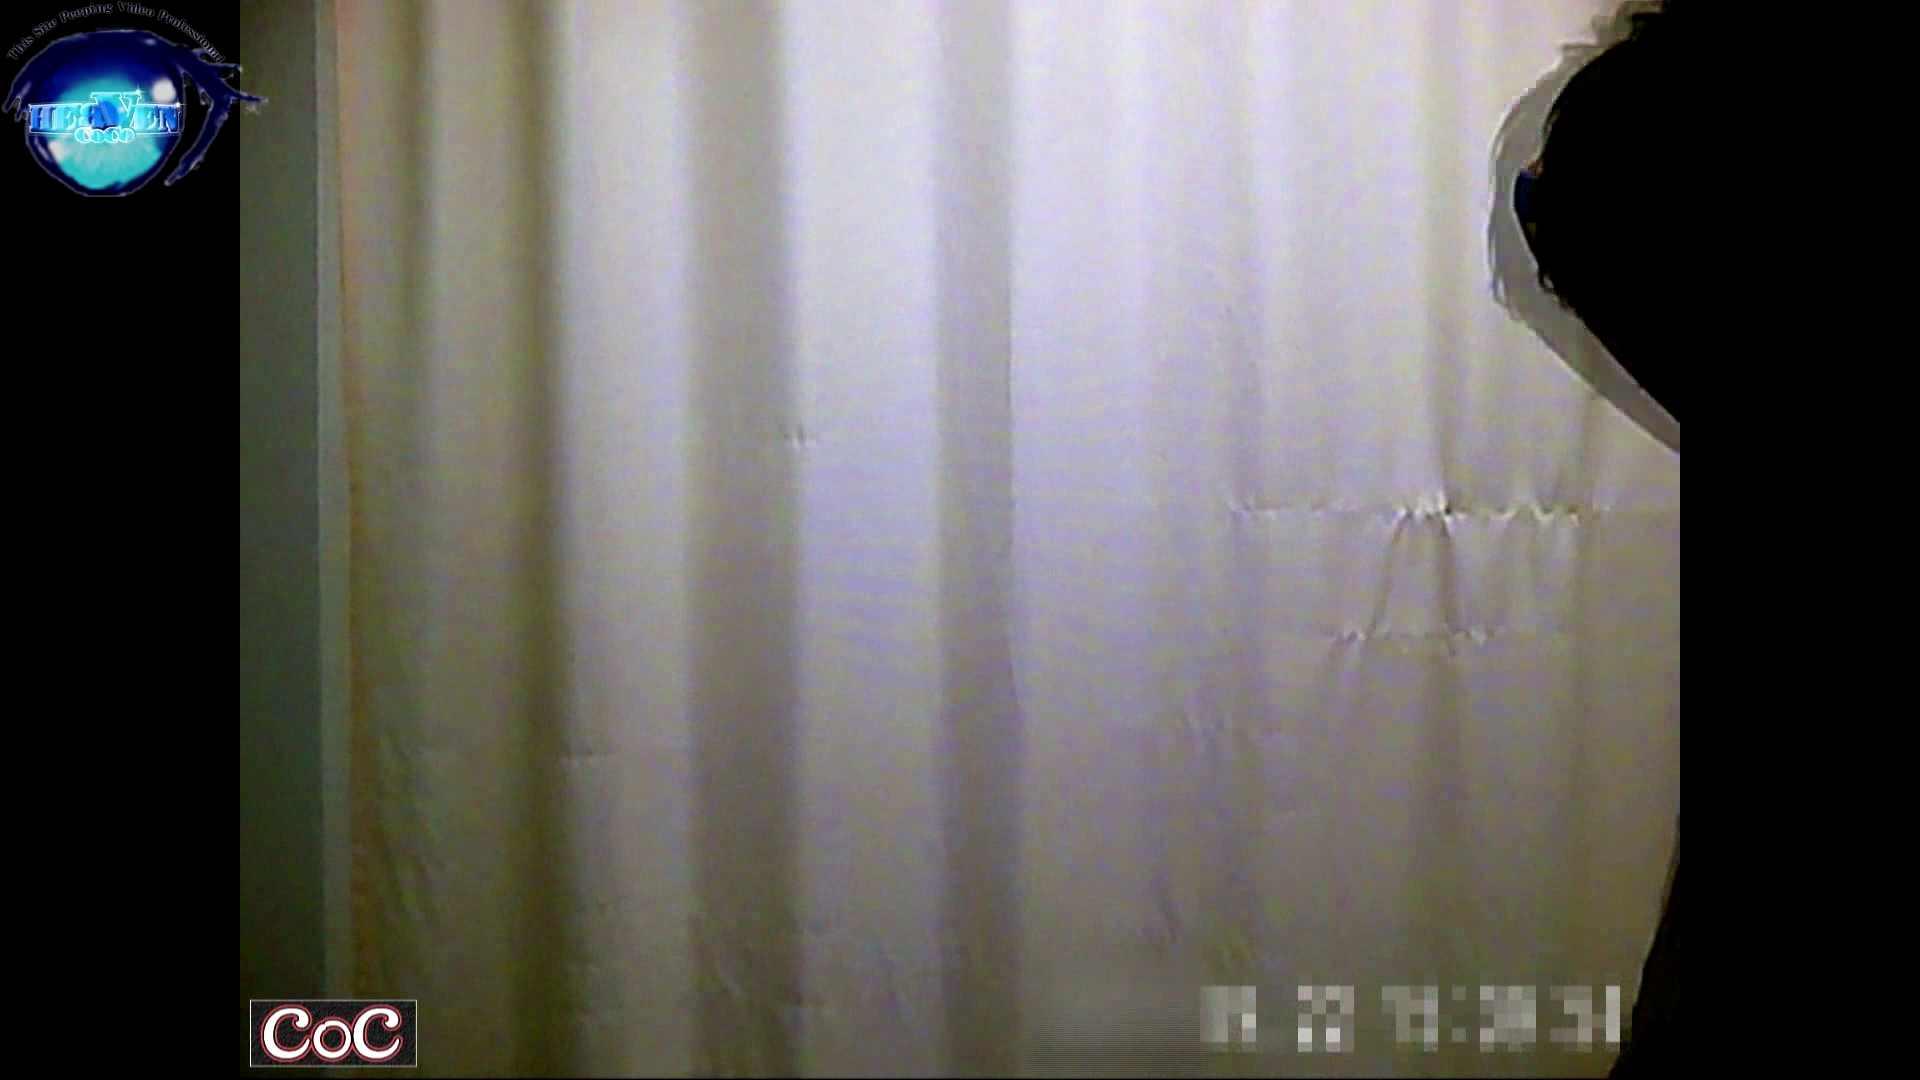 激ヤバ健康診断!着替えの一部始終.vol.32※本編ボカシ・目線無し ナースエロ画像 隠し撮りAV無料 91PICs 35